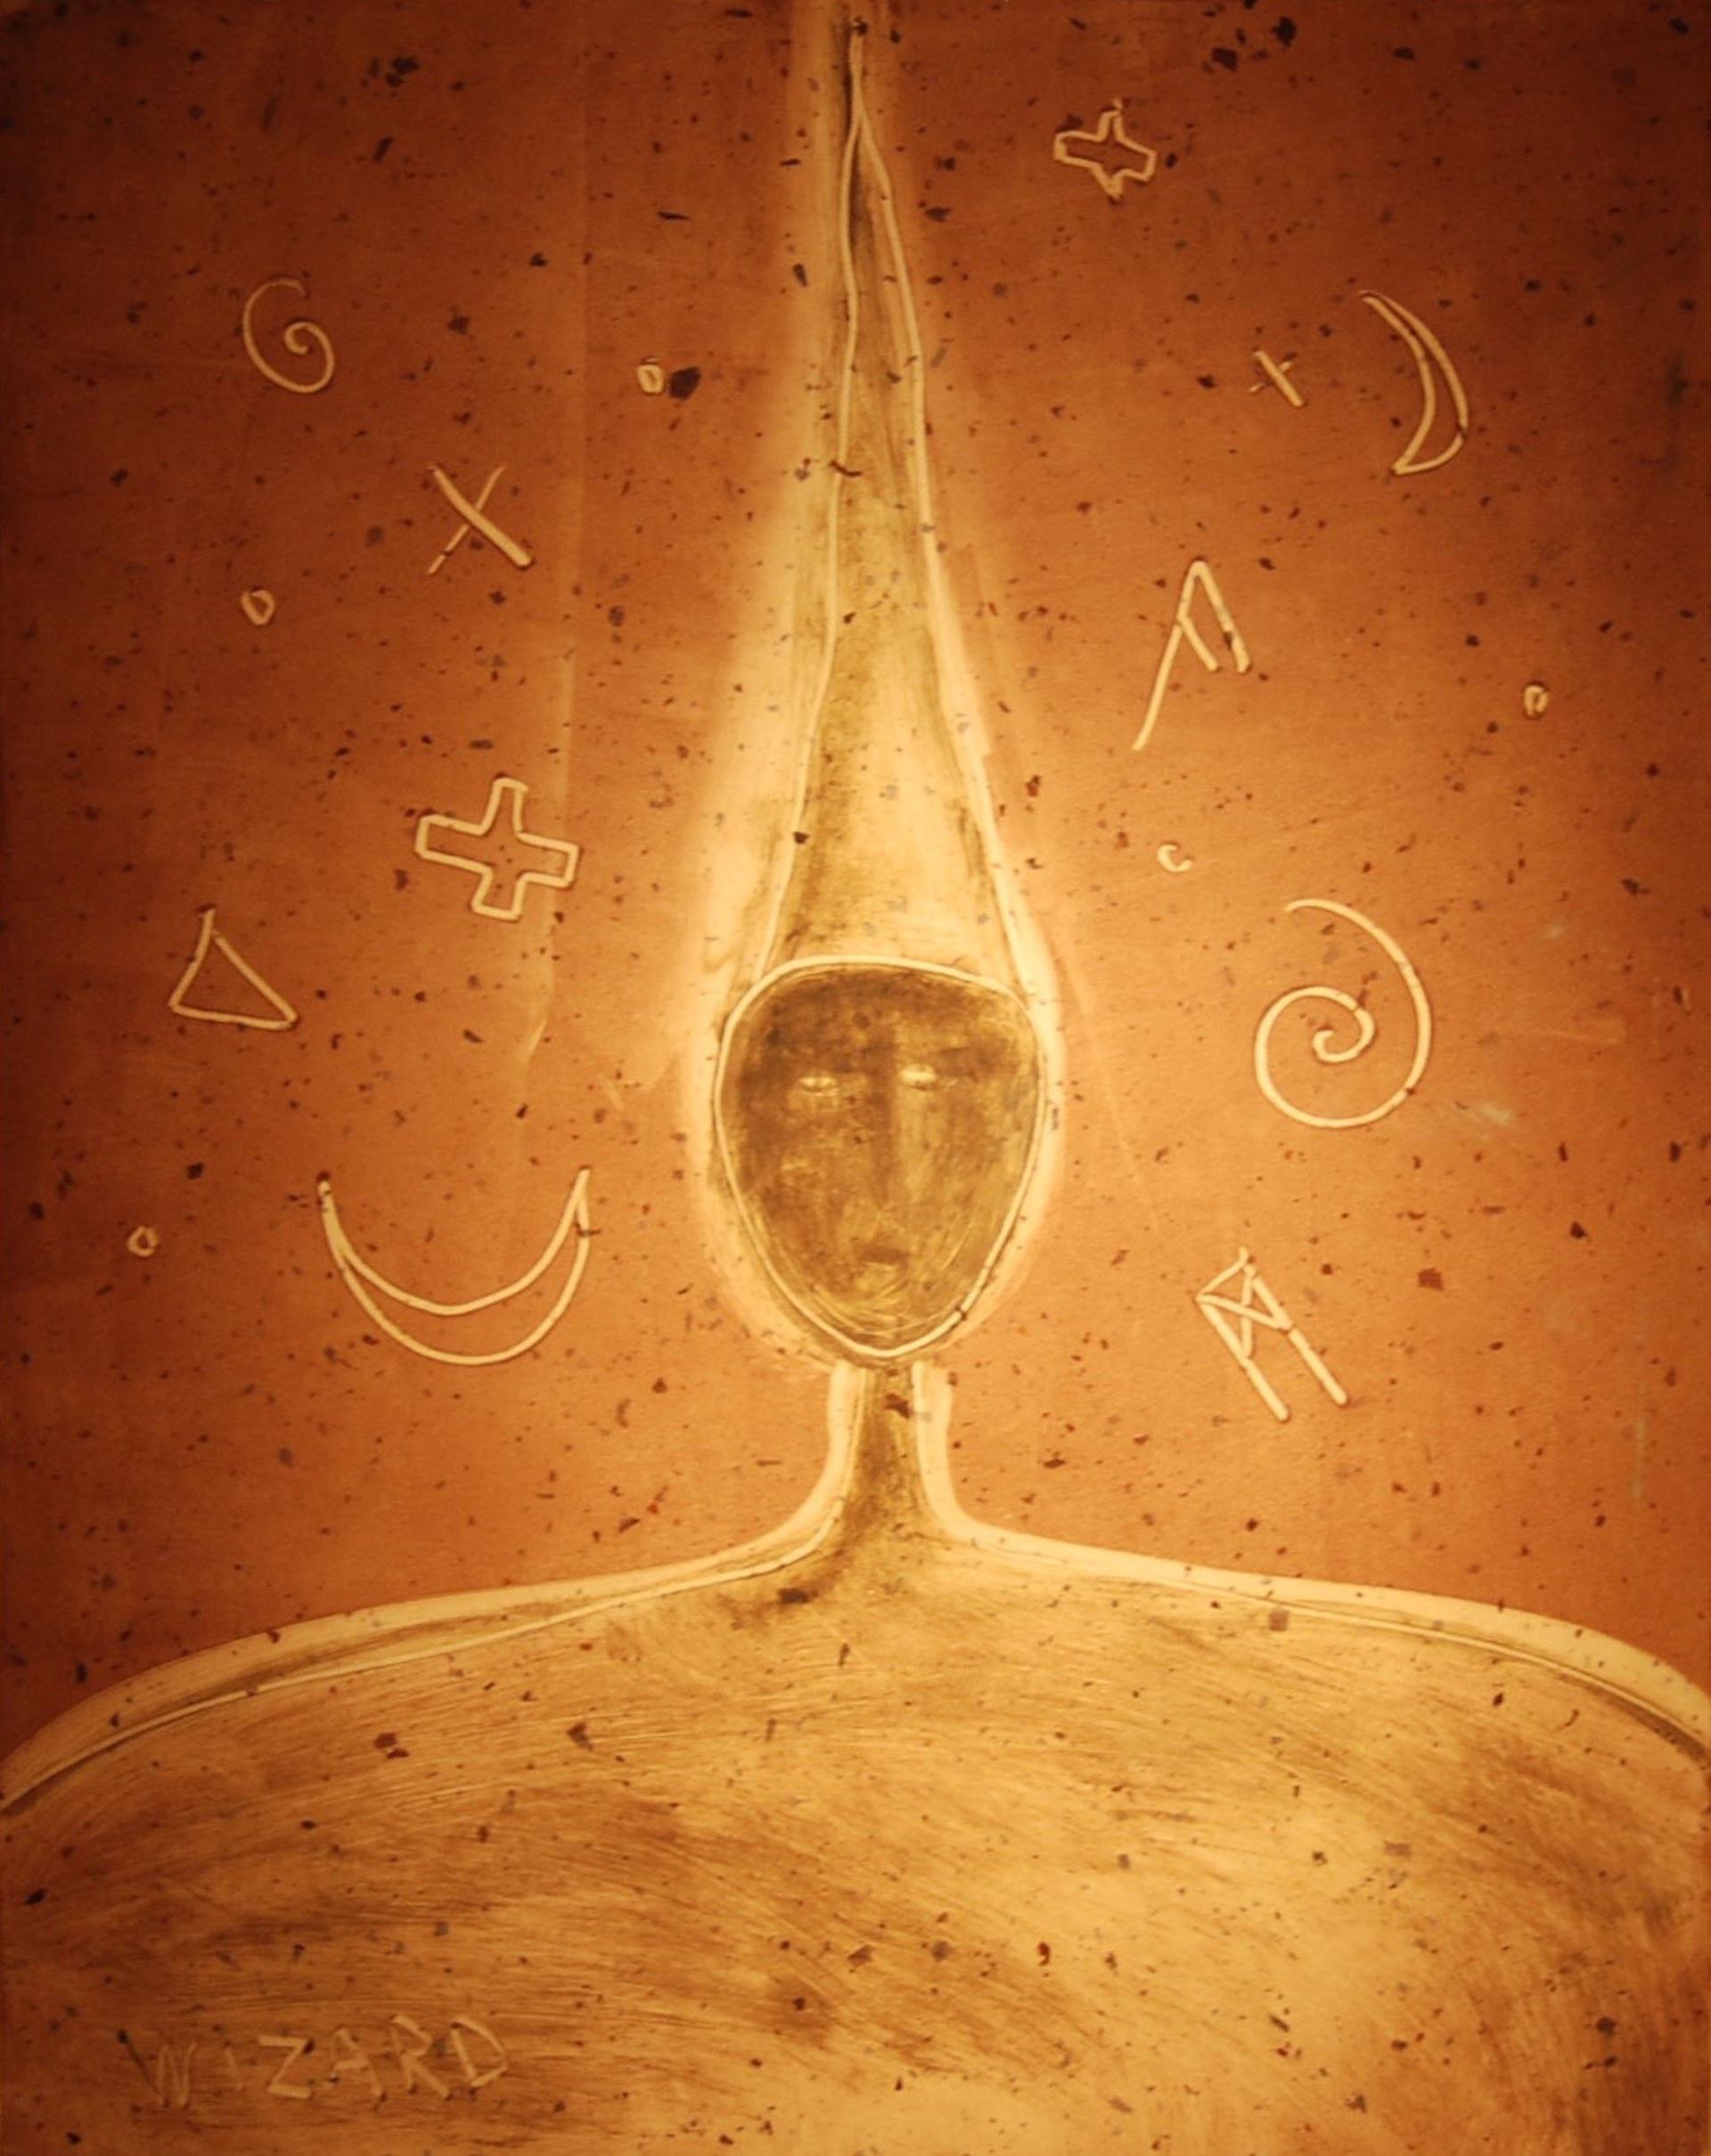 Wizard Dreams - Unframed by Carole LaRoche